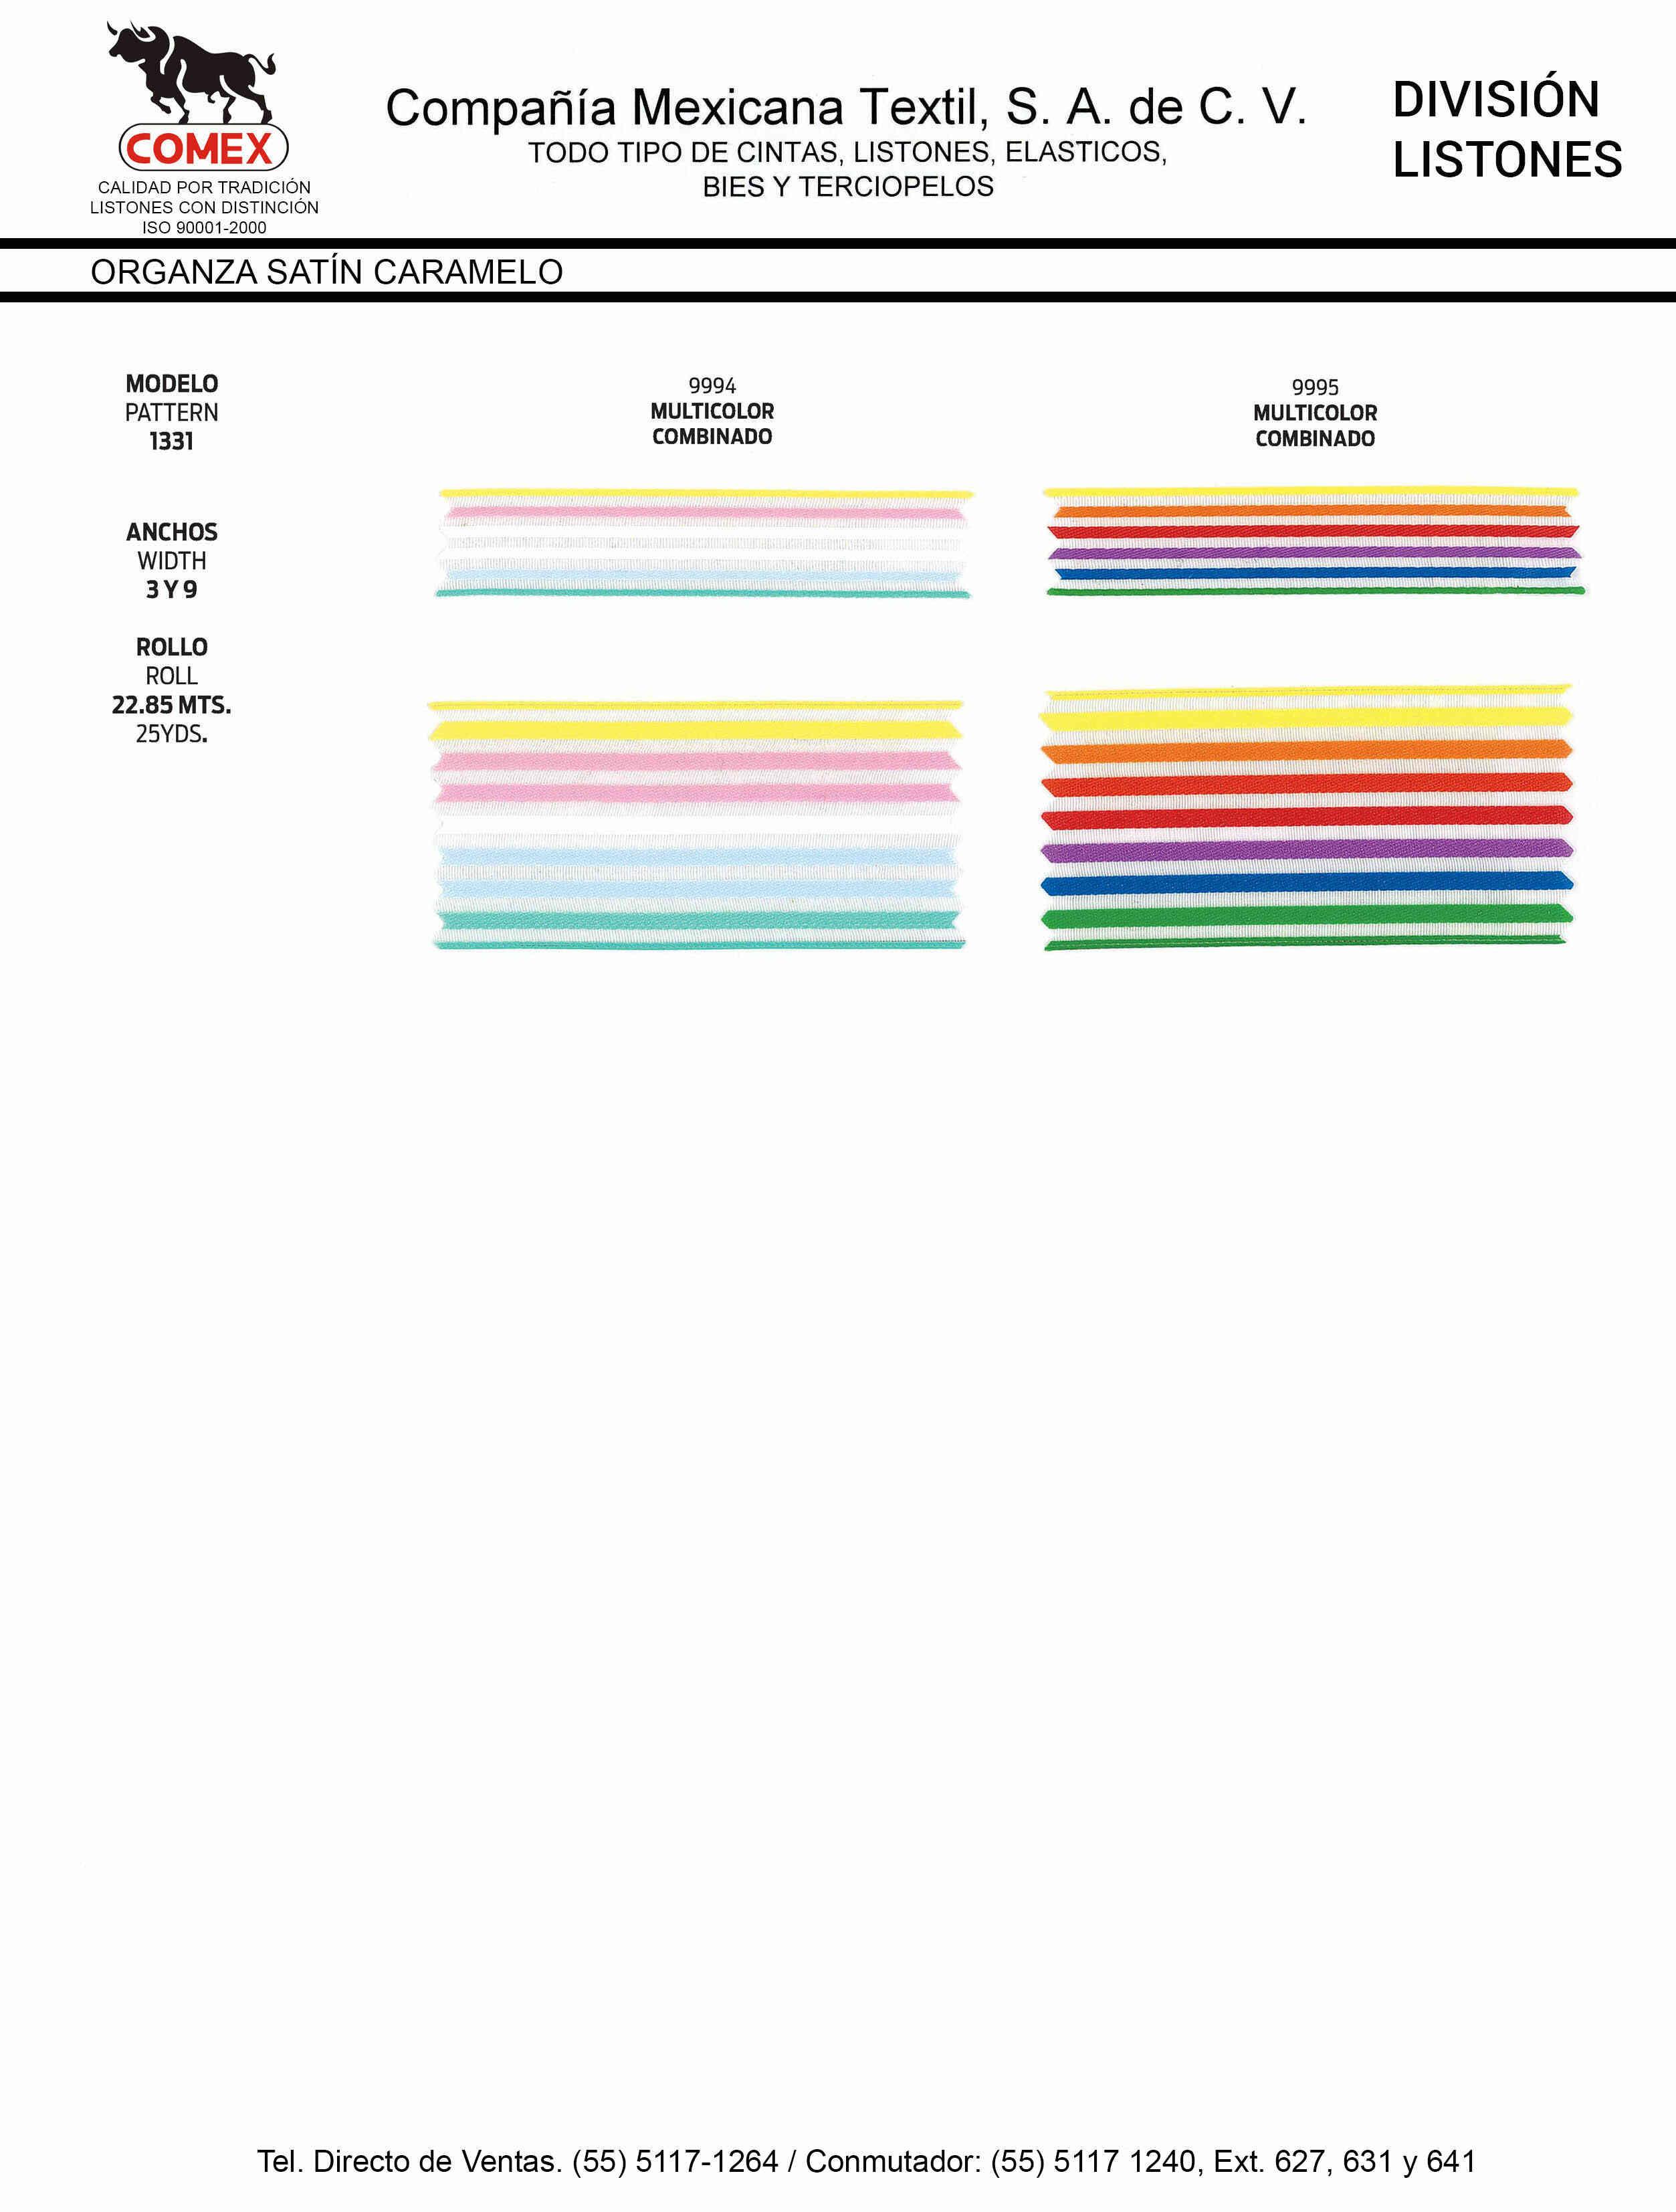 Anchos y Colores de Liston Mod.1331